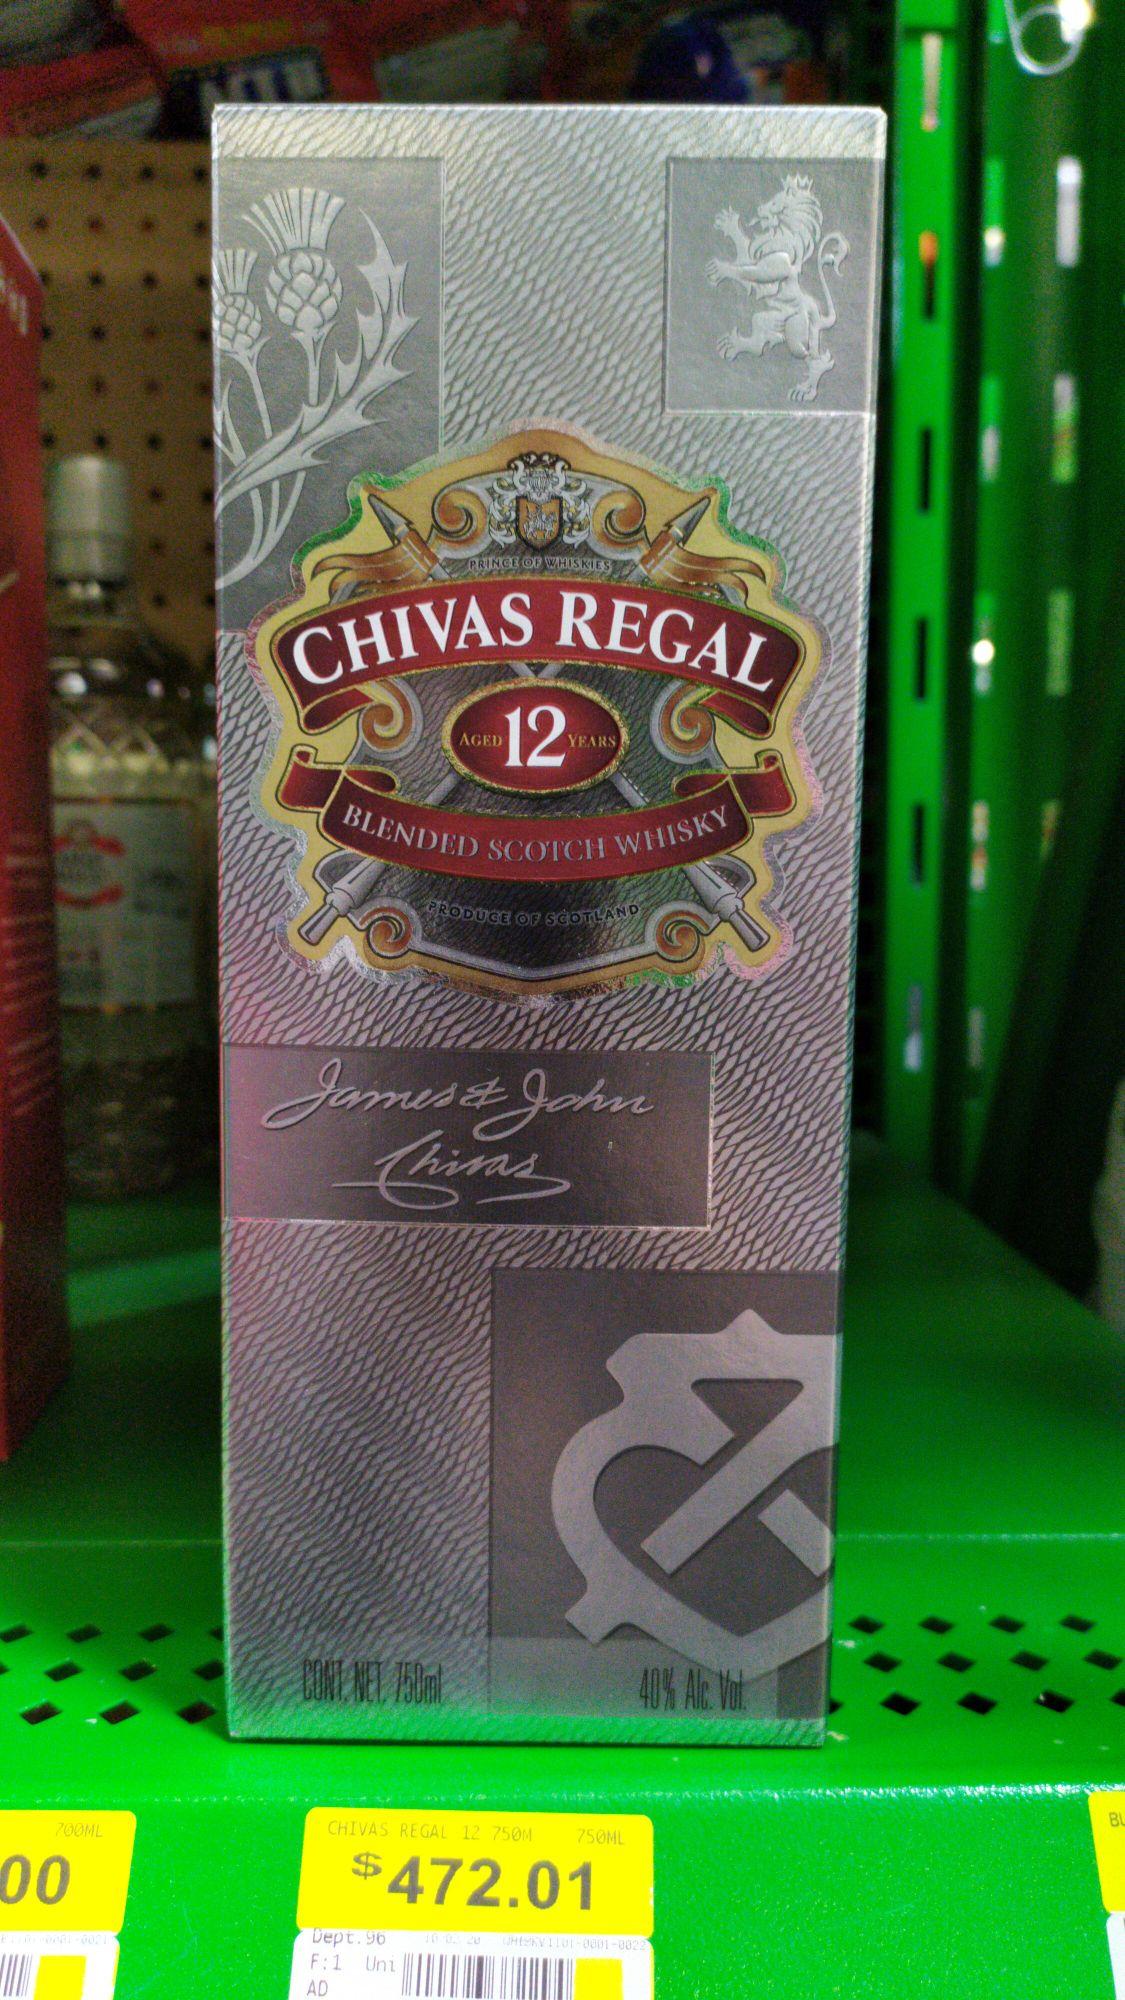 Bodega Aurrerá: Chivas Regal 12 - 750 ml